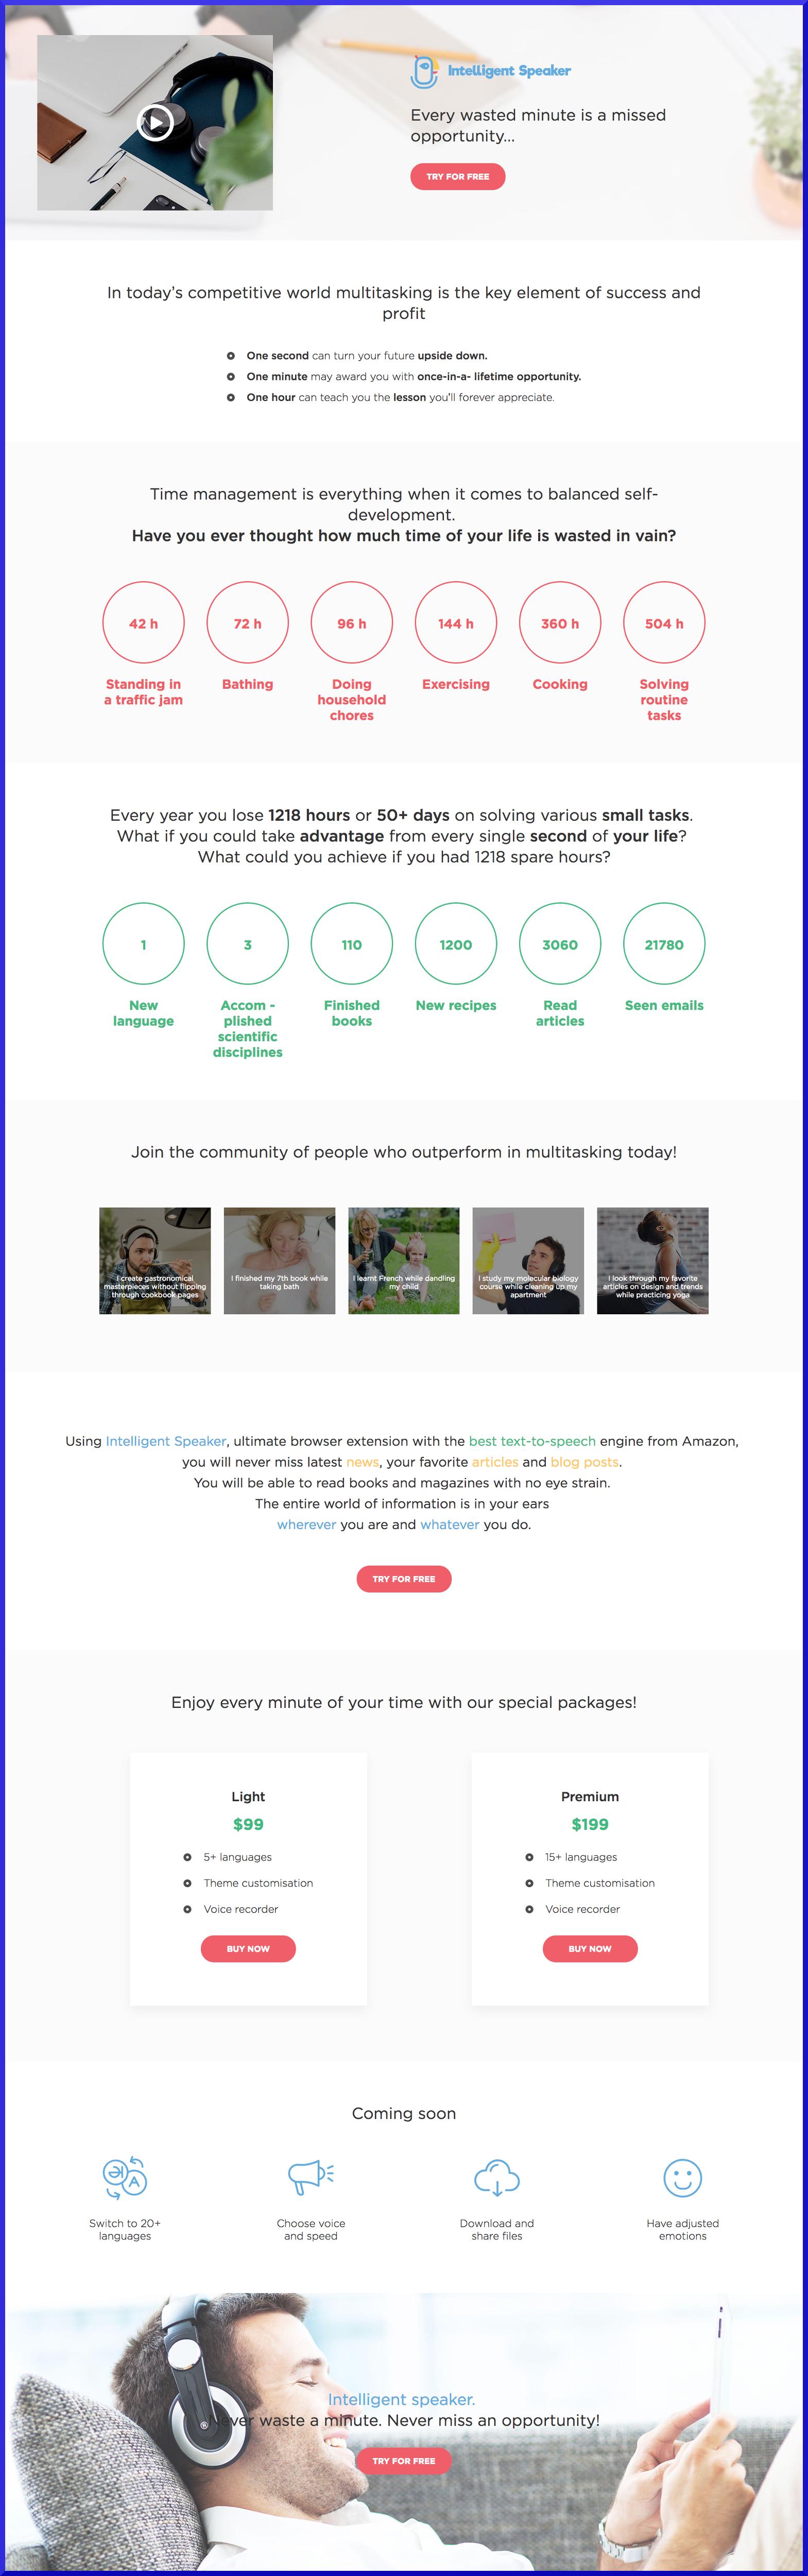 intelligent speaker first site